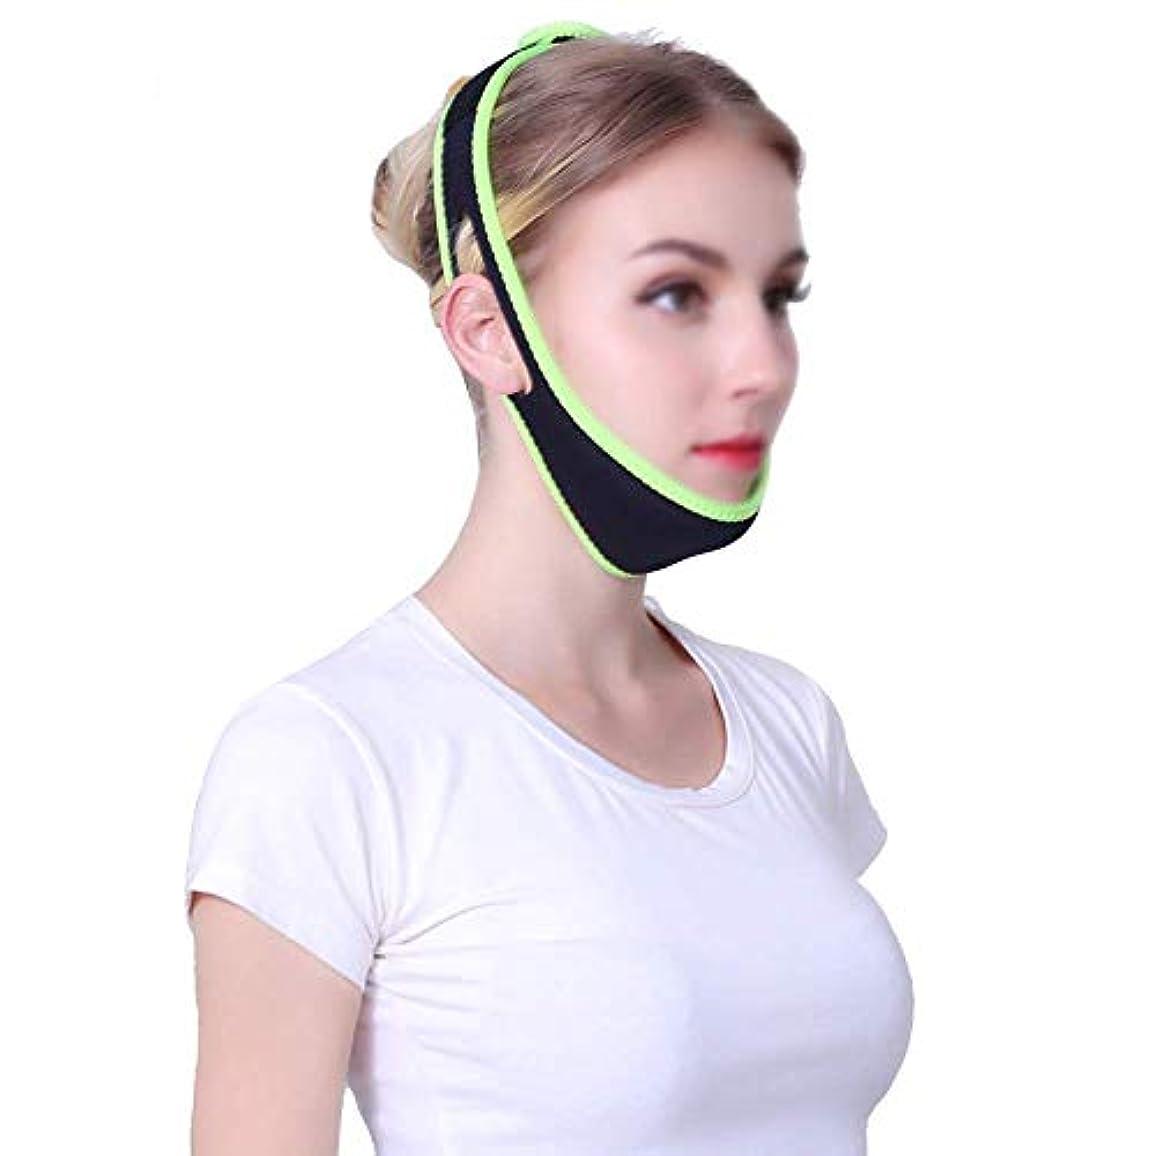 の前でブランク含めるファーミングフェイスマスク、小さなVフェイスアーティファクト睡眠薄いフェイス包帯マスクリフティングマスクファーミングクリームフェイスリフトフェイスメロンフェイス楽器